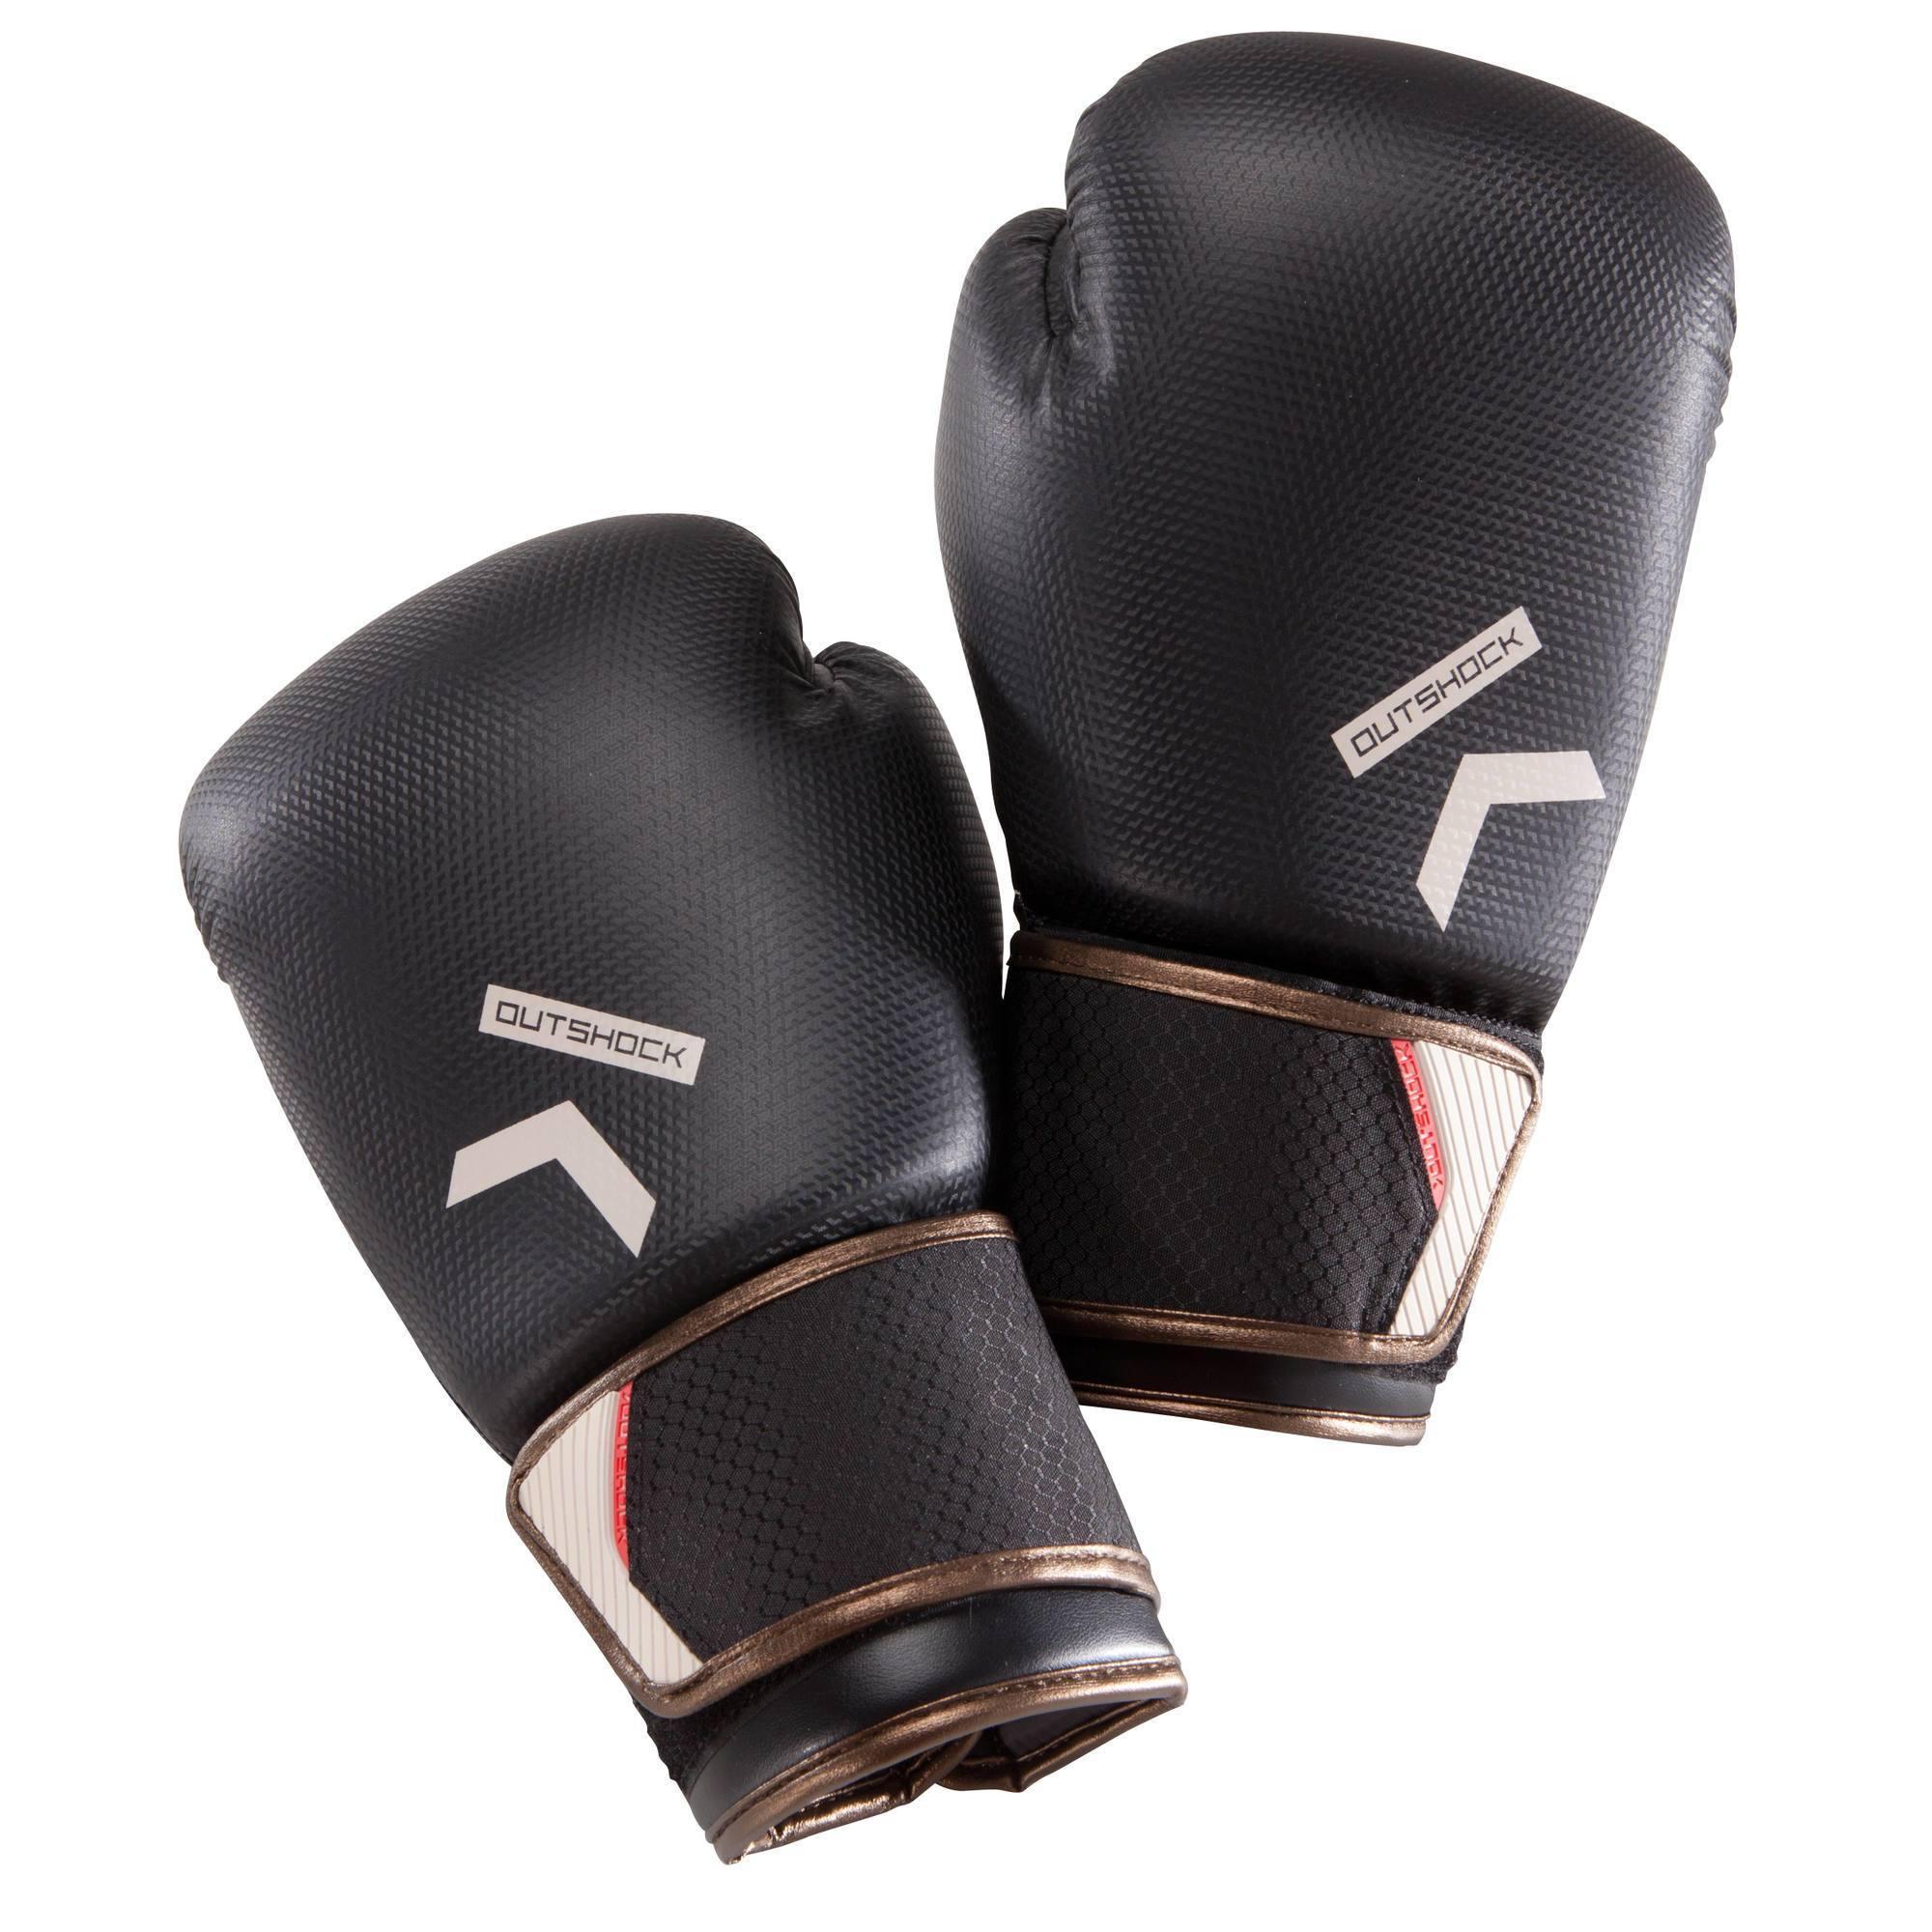 gants de boxe 500 carbone gants pour boxeur confirm s. Black Bedroom Furniture Sets. Home Design Ideas